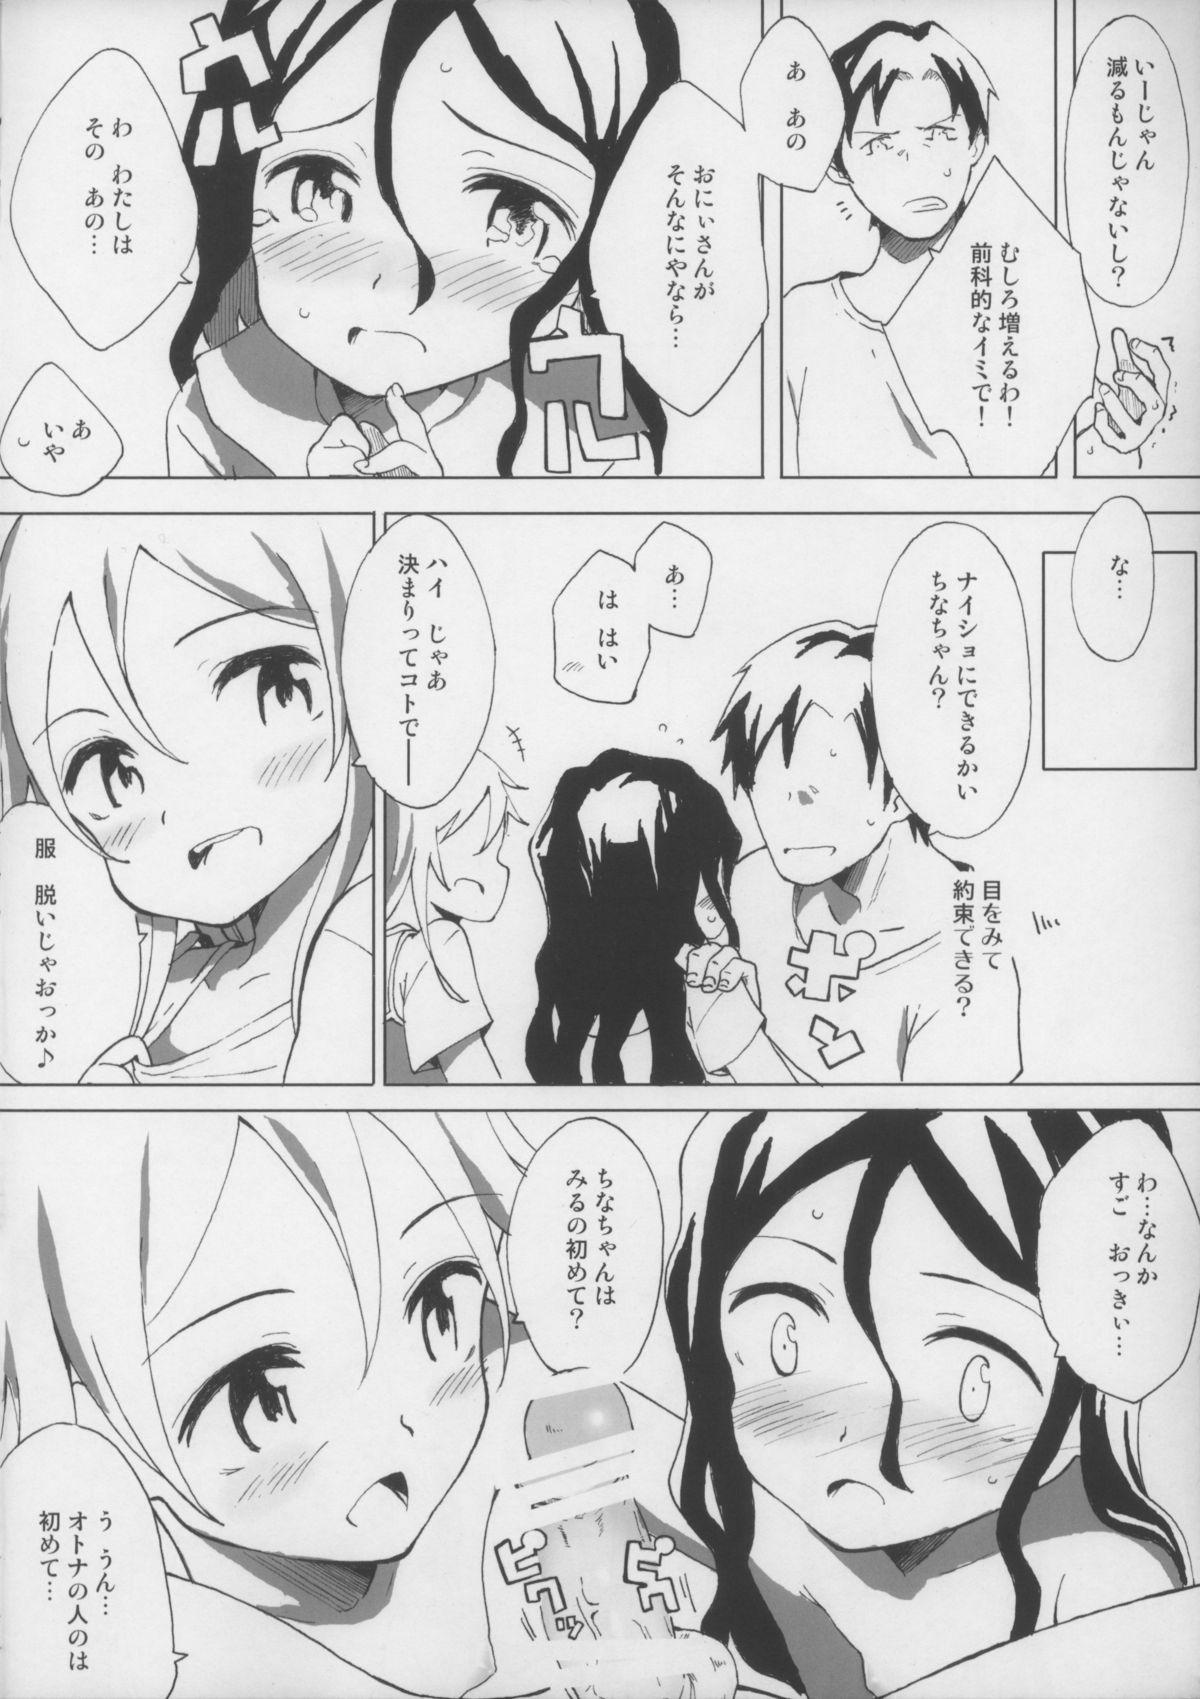 Imouto no Tomodachi 3